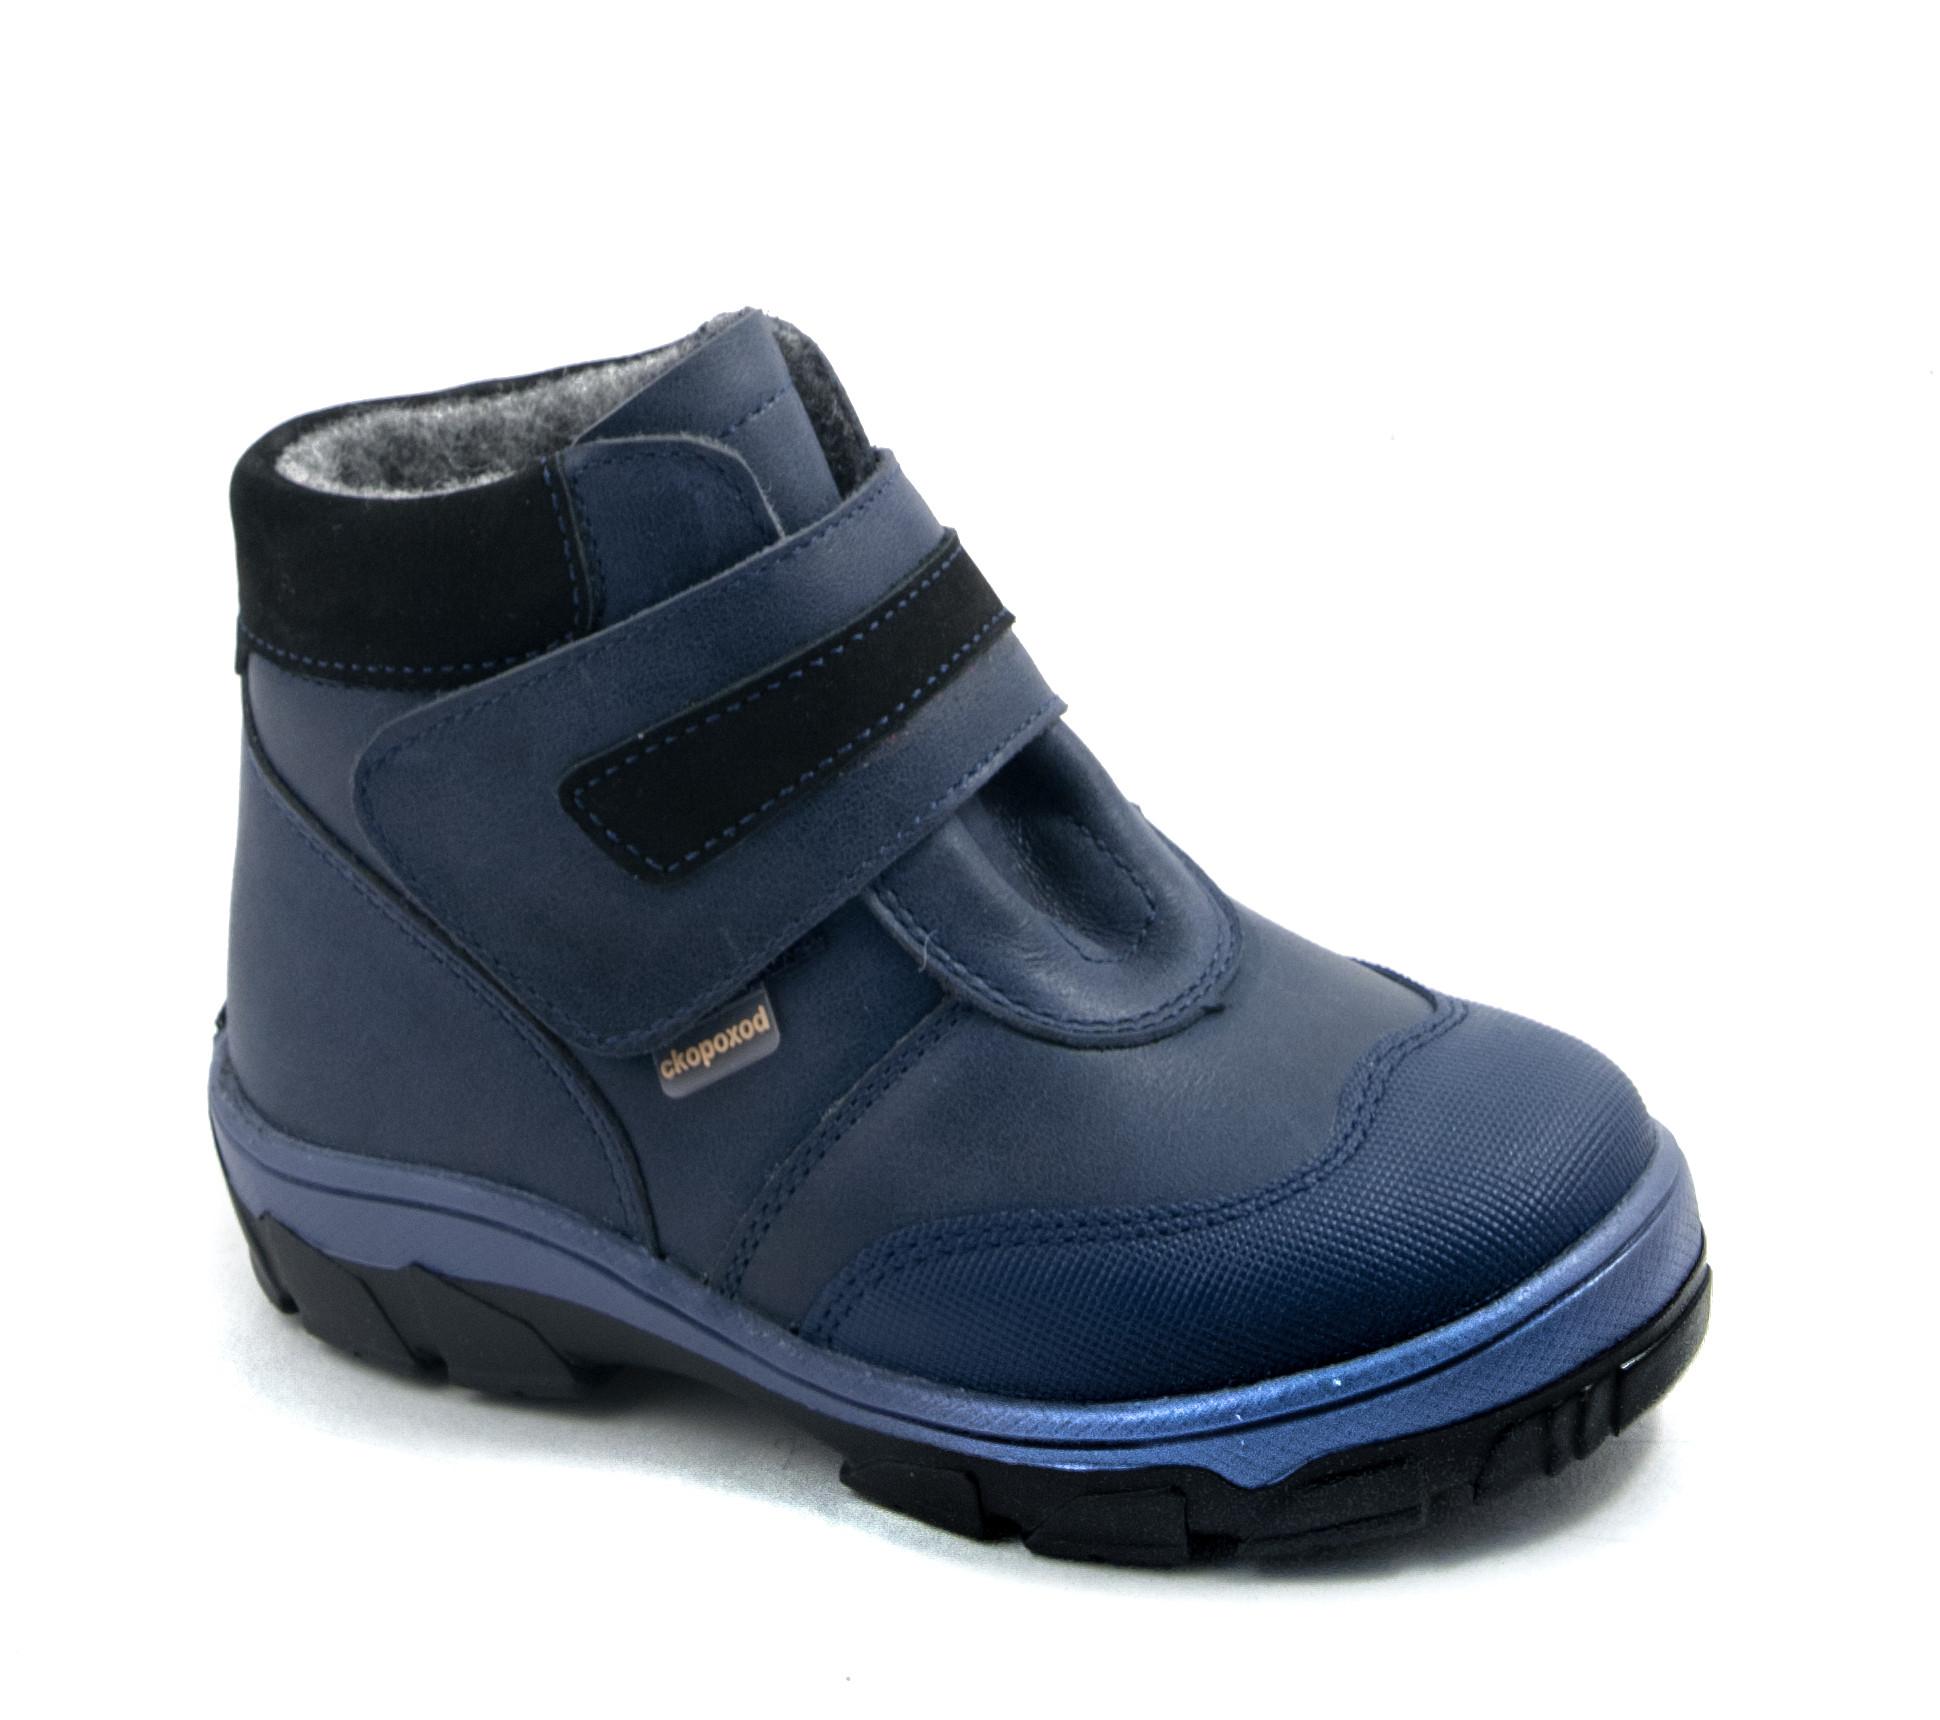 Купить со скидкой Ботинки ясельные для мальчика Детский Скороход,синие